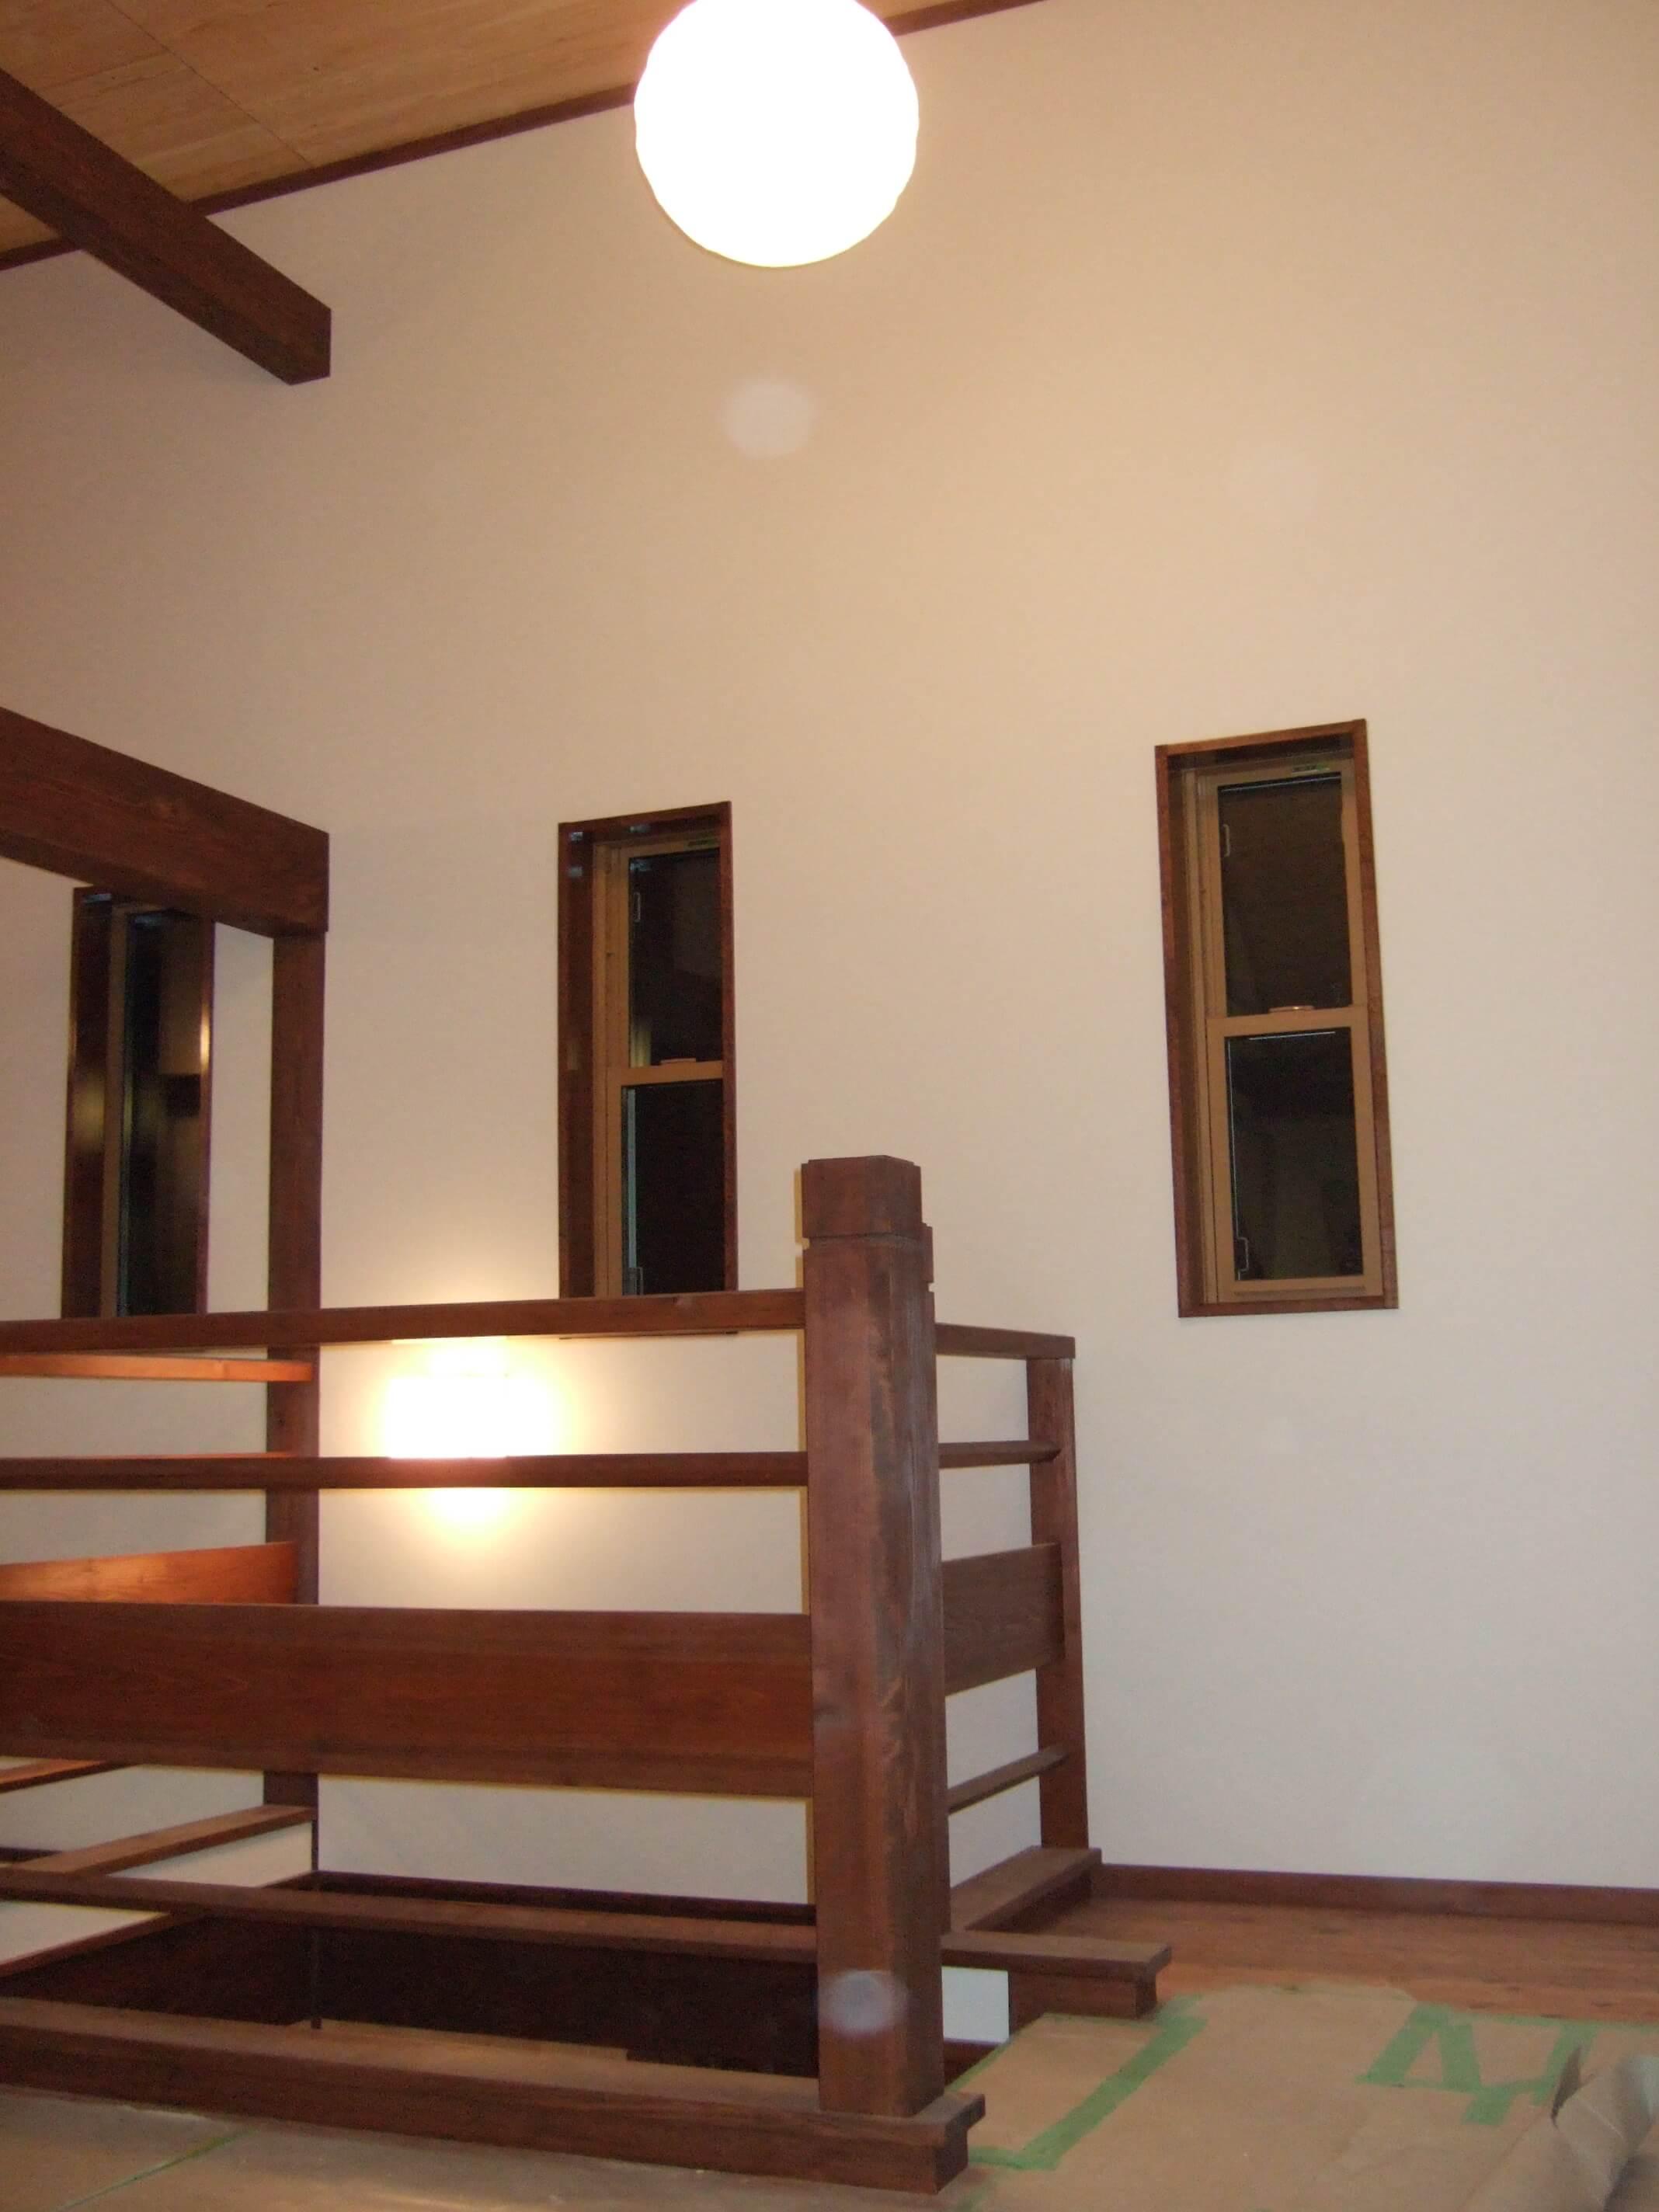 二階ホール照明 (2)